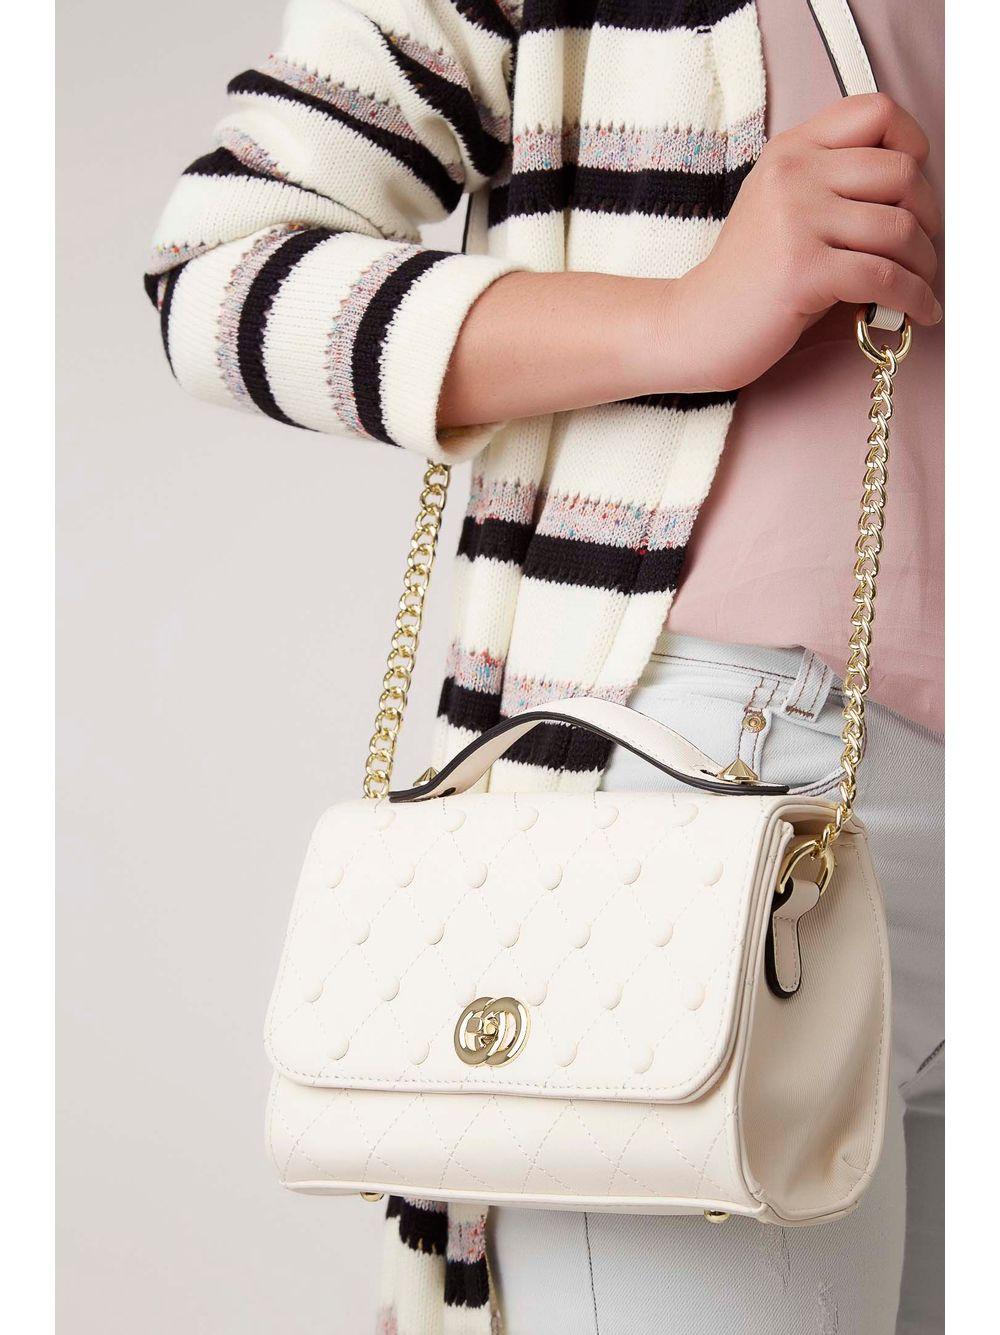 8a4fec846 Previous. Bolsa-Queens-Mini-Bag-Feminina-Bege ...